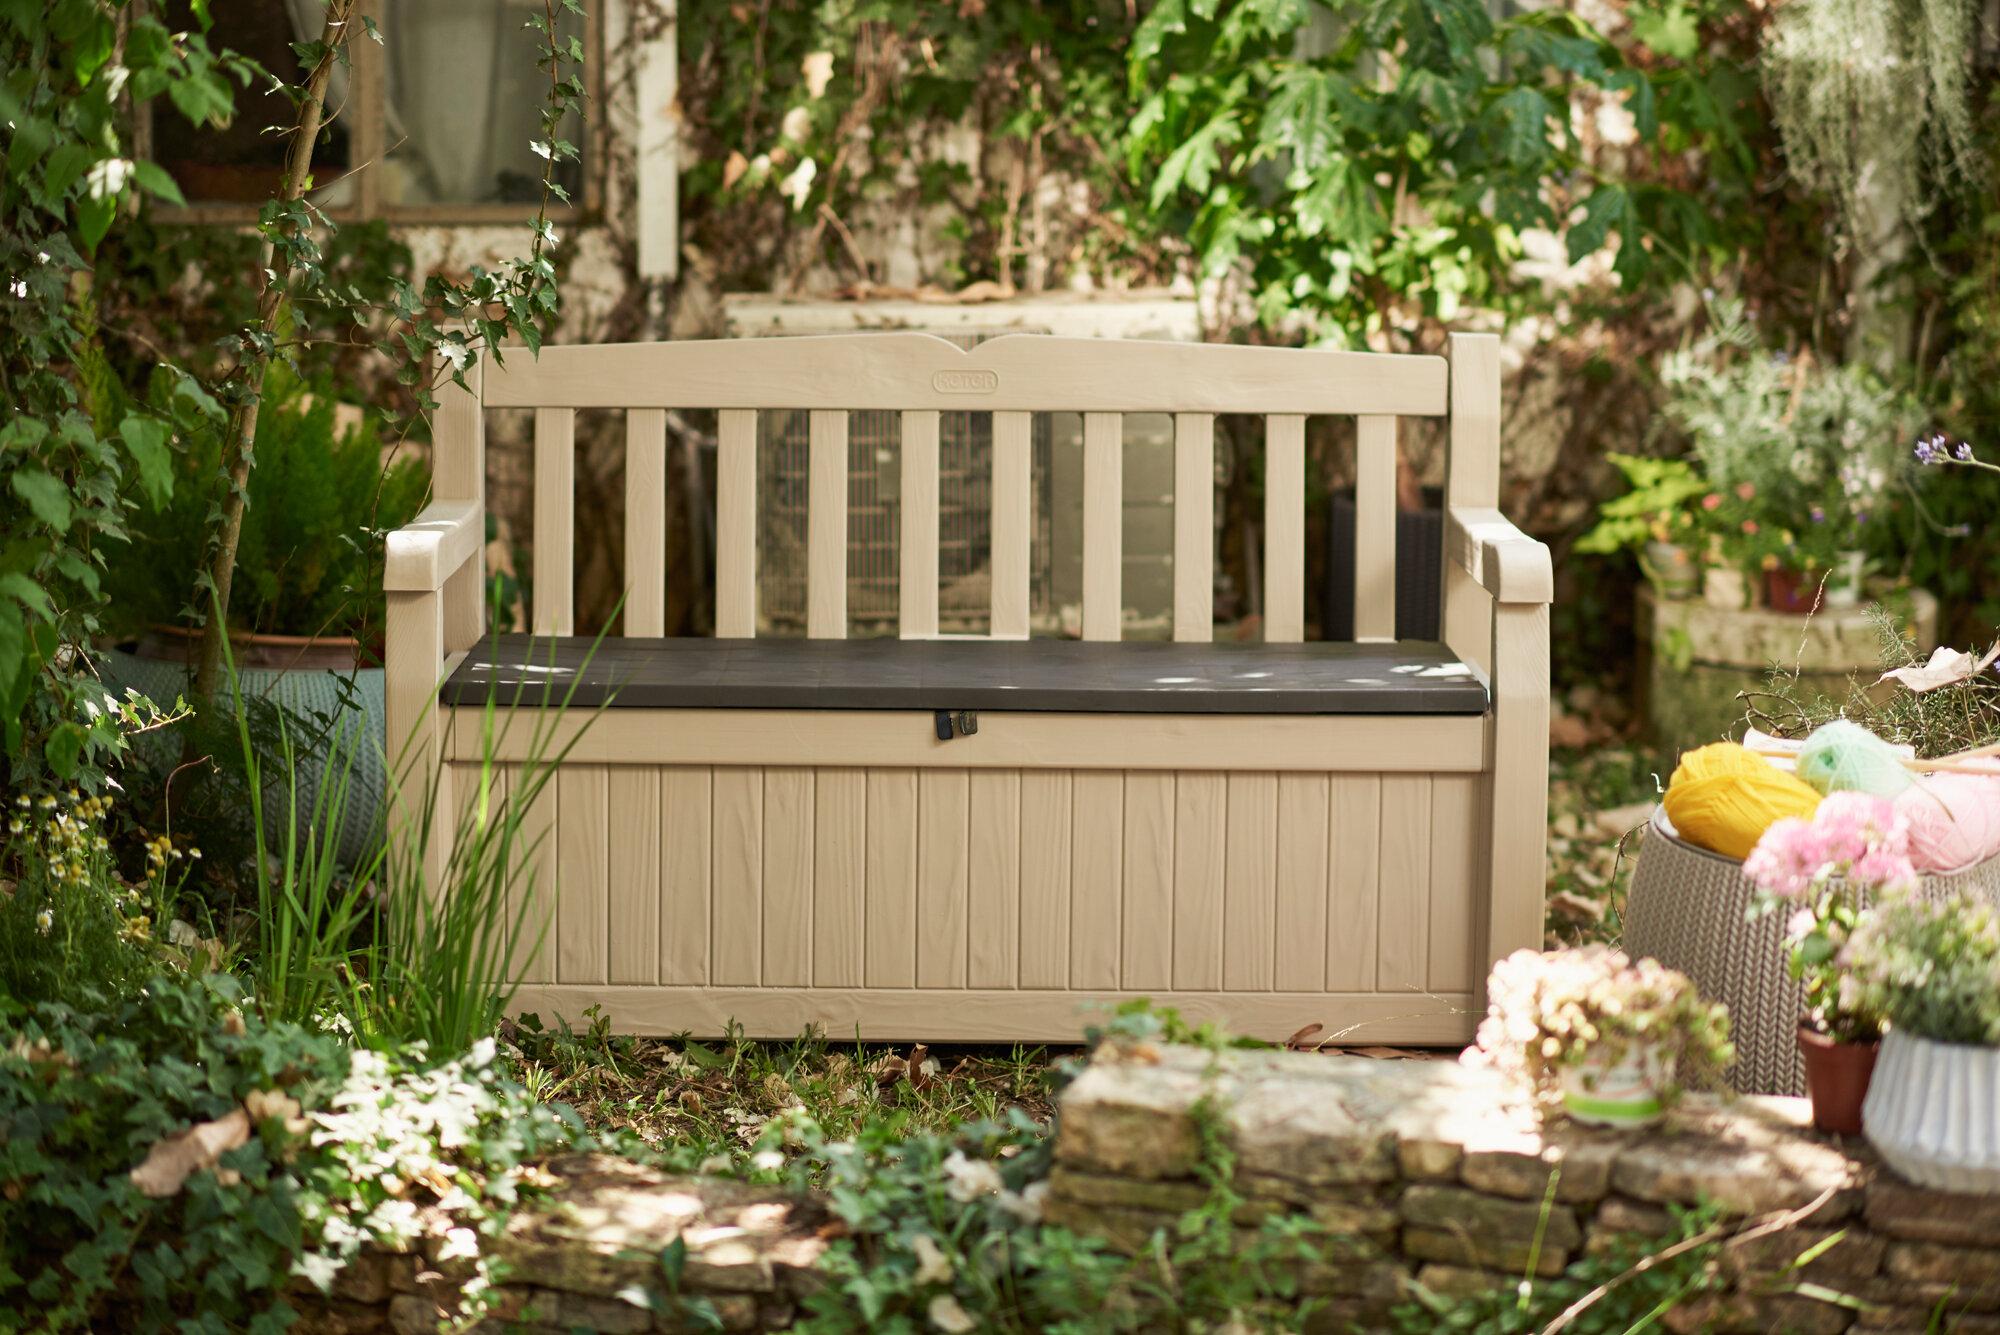 Keter Eden All Weather Resin Storage Bench   Wayfair